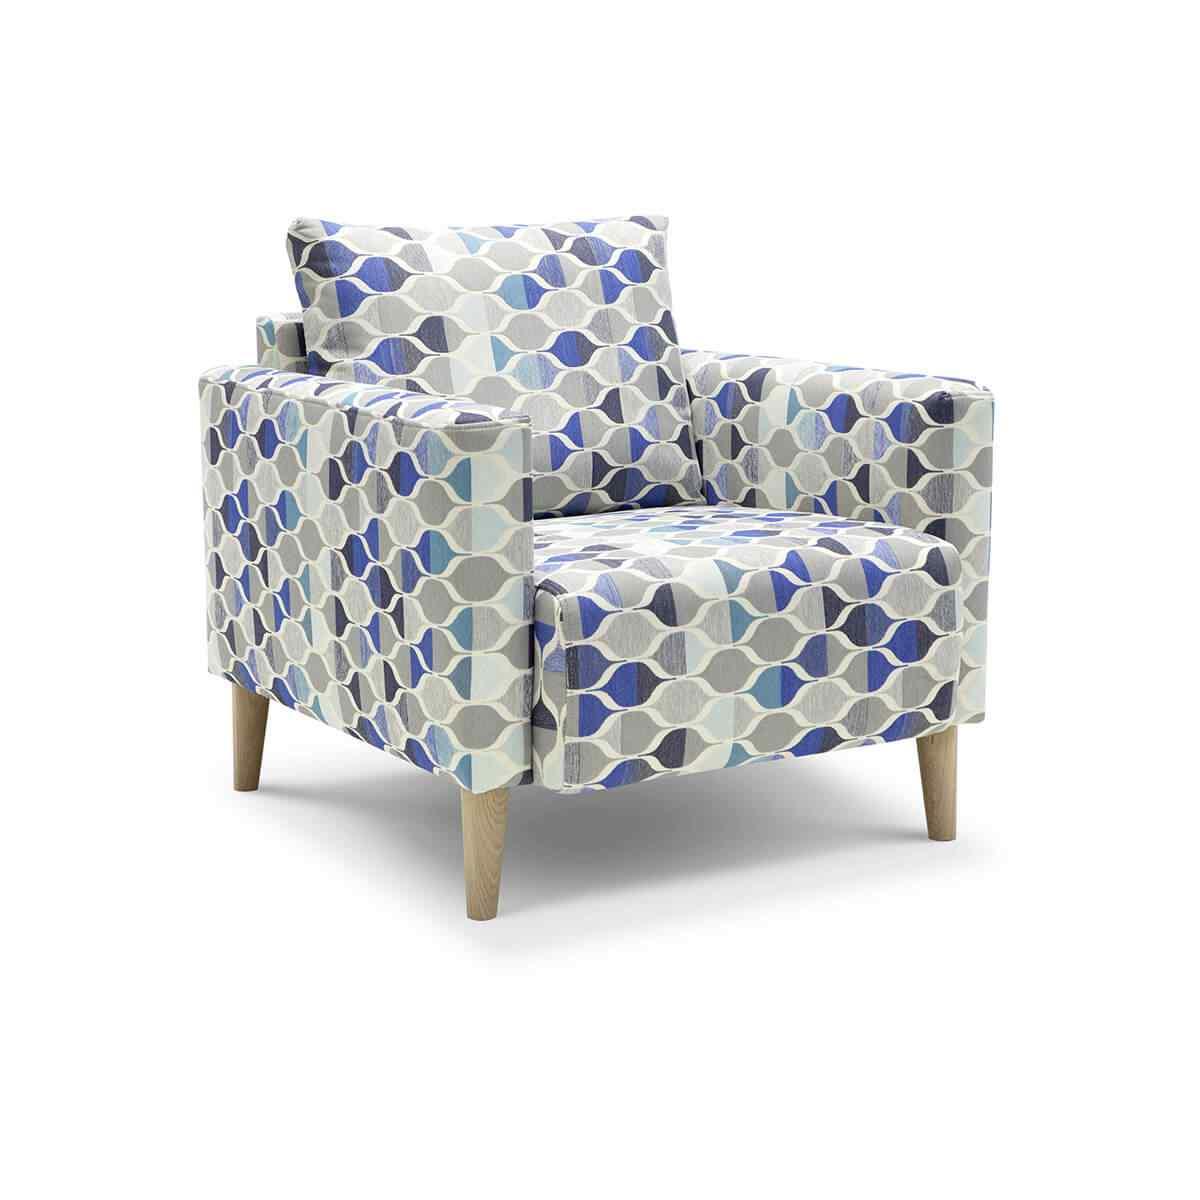 https://i0.wp.com/dita.ba/wp-content/uploads/2018/08/furniture_16-1.jpg?fit=1200%2C1200&ssl=1